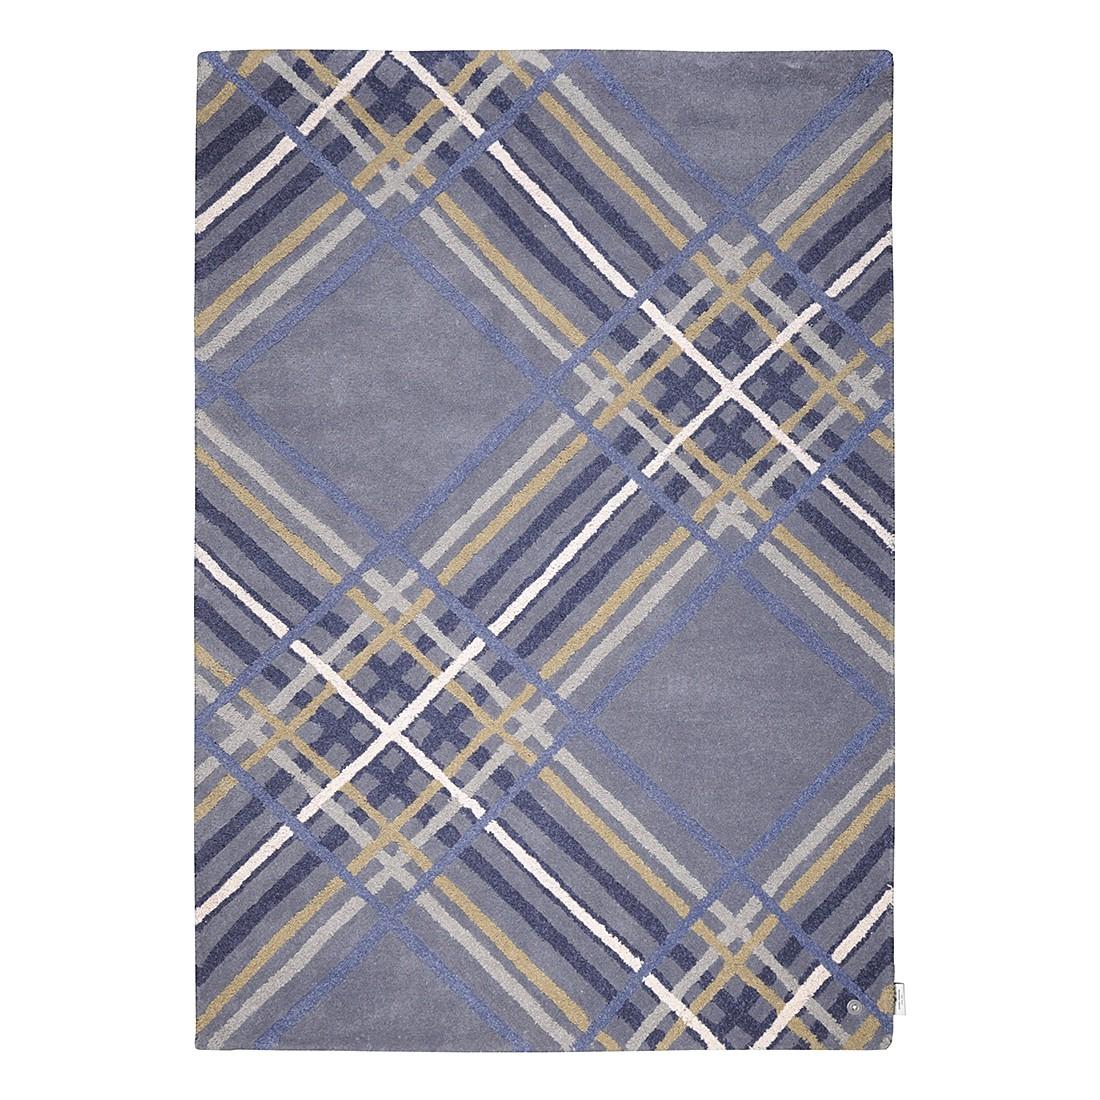 Teppich Home Large Check – Blau – Maße: 160 x 230 cm, Tom Tailor günstig kaufen